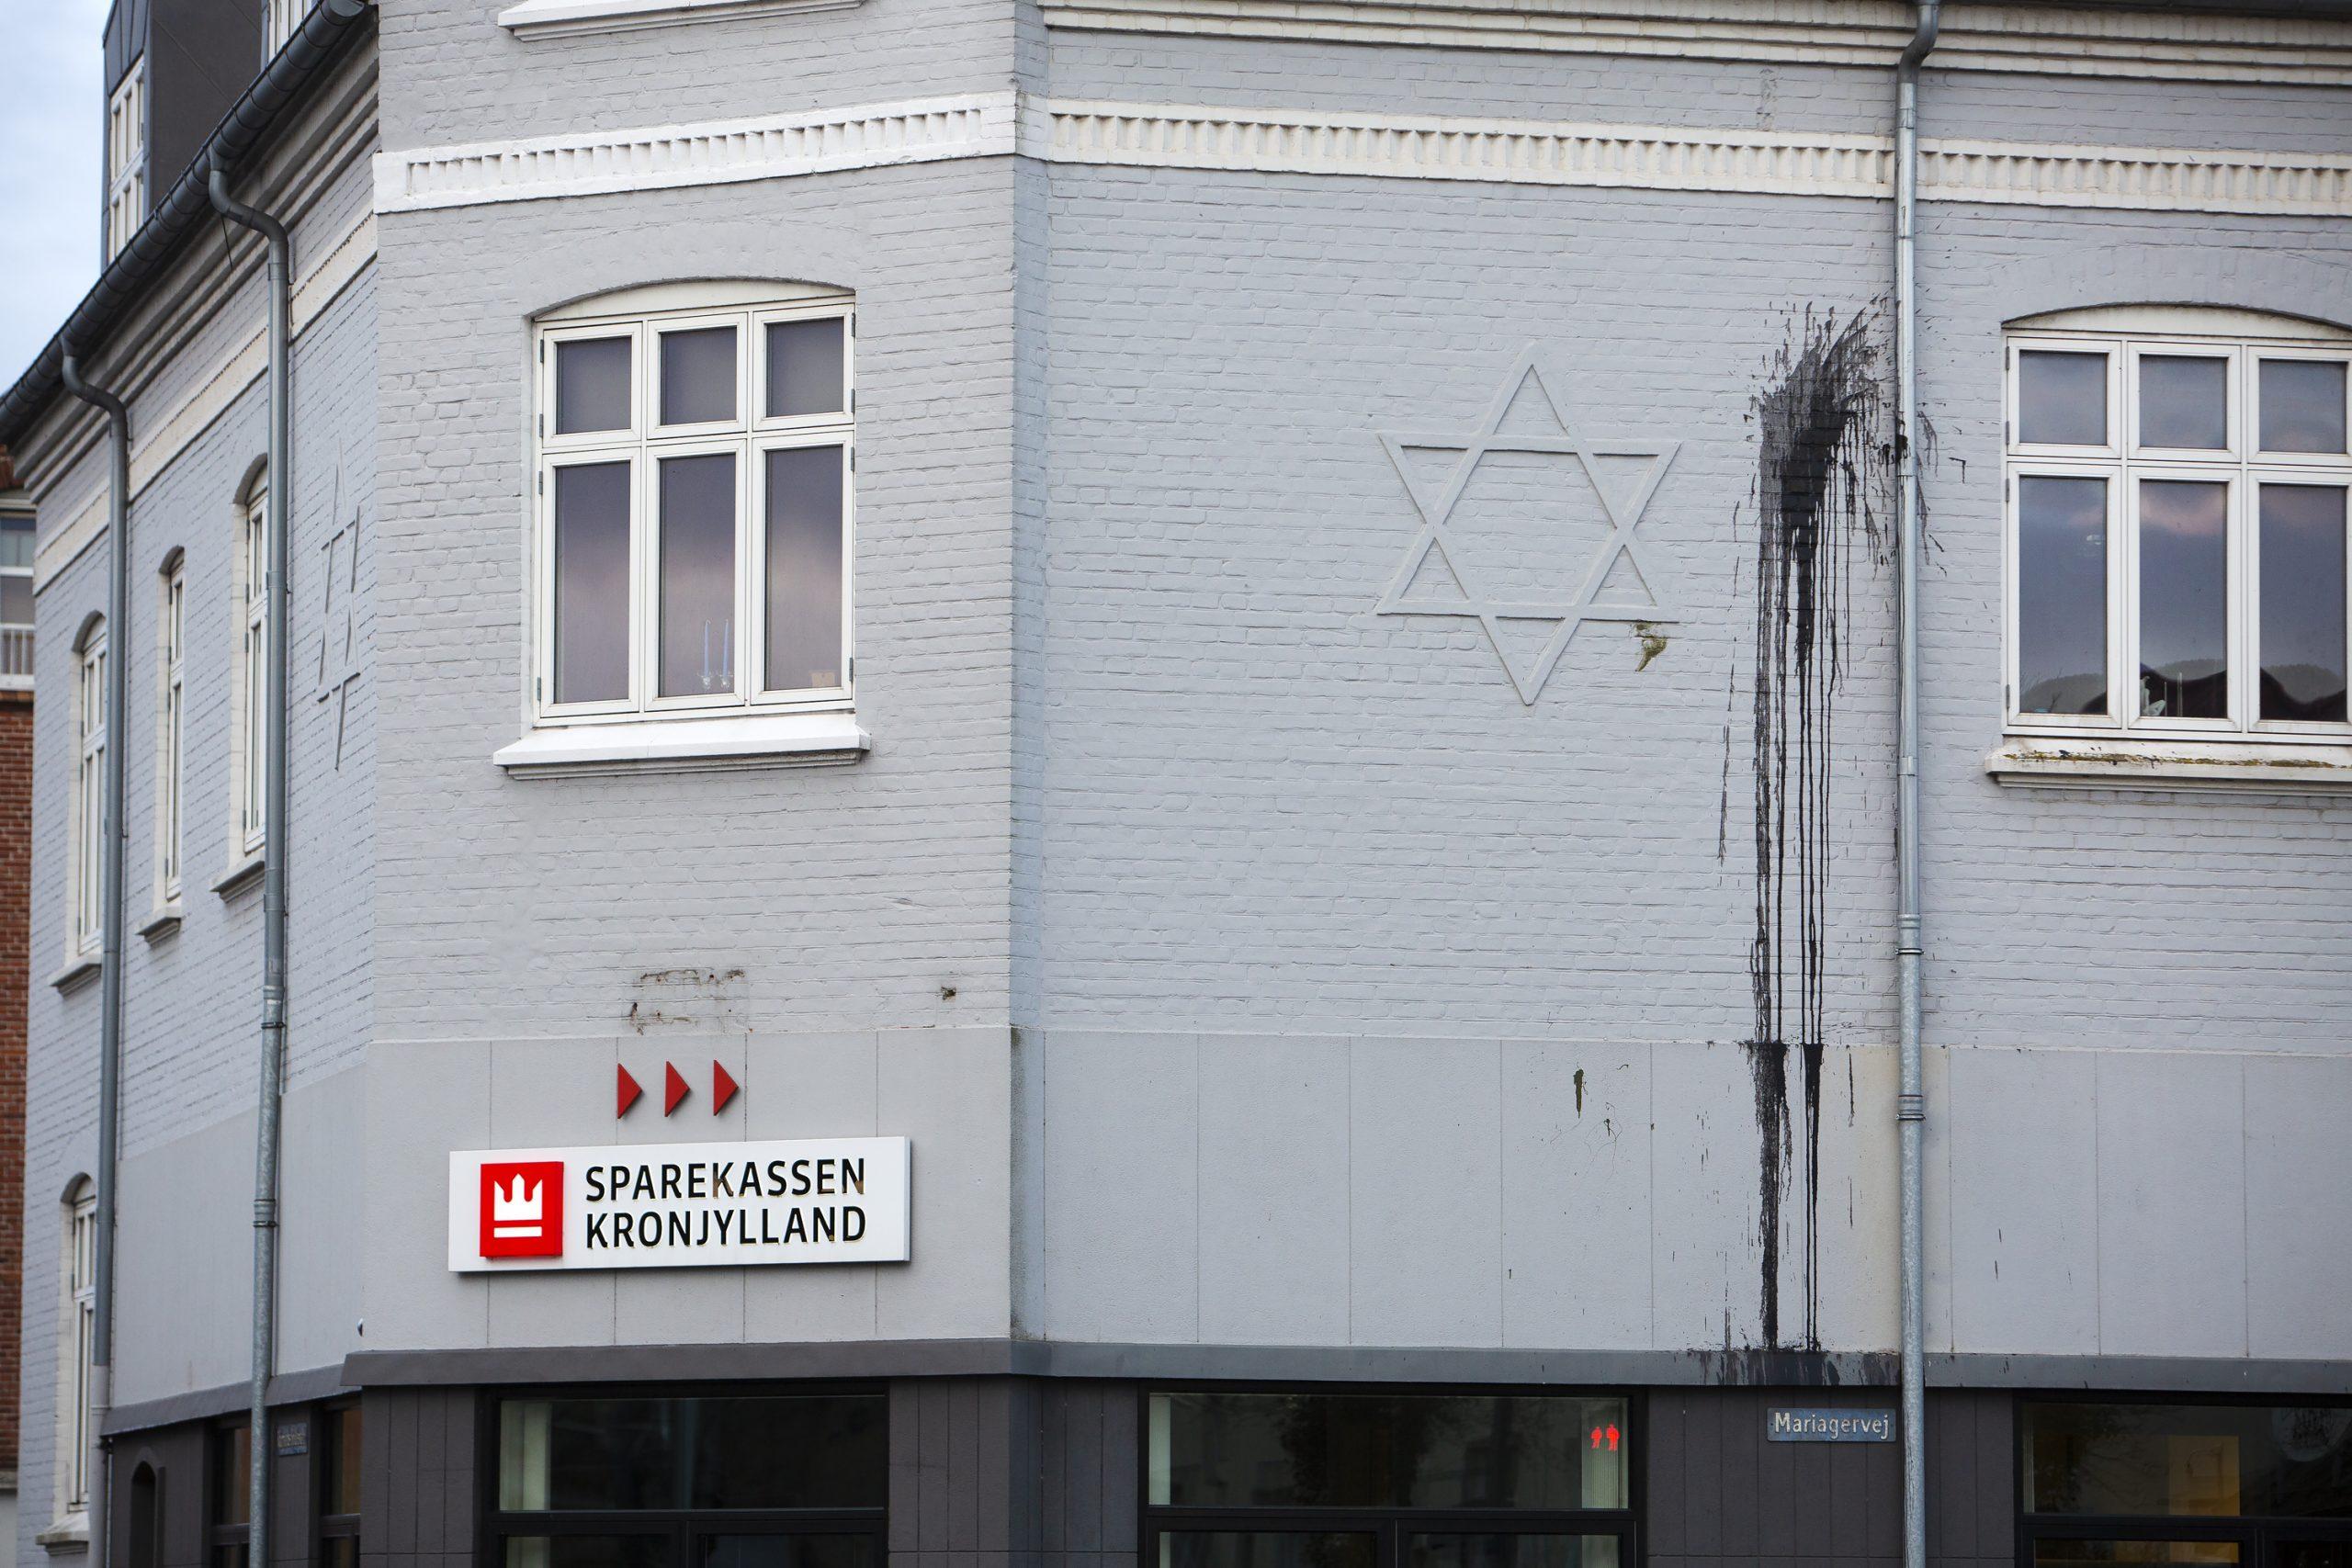 De to nazister er bl.a. dømt for hærværk mod Sparekassen Kronjyllands afdeling i Randers, ved at have kastet maling på facaden, hvor der er afbilledet en Davidstjerne. Foto: Redox.